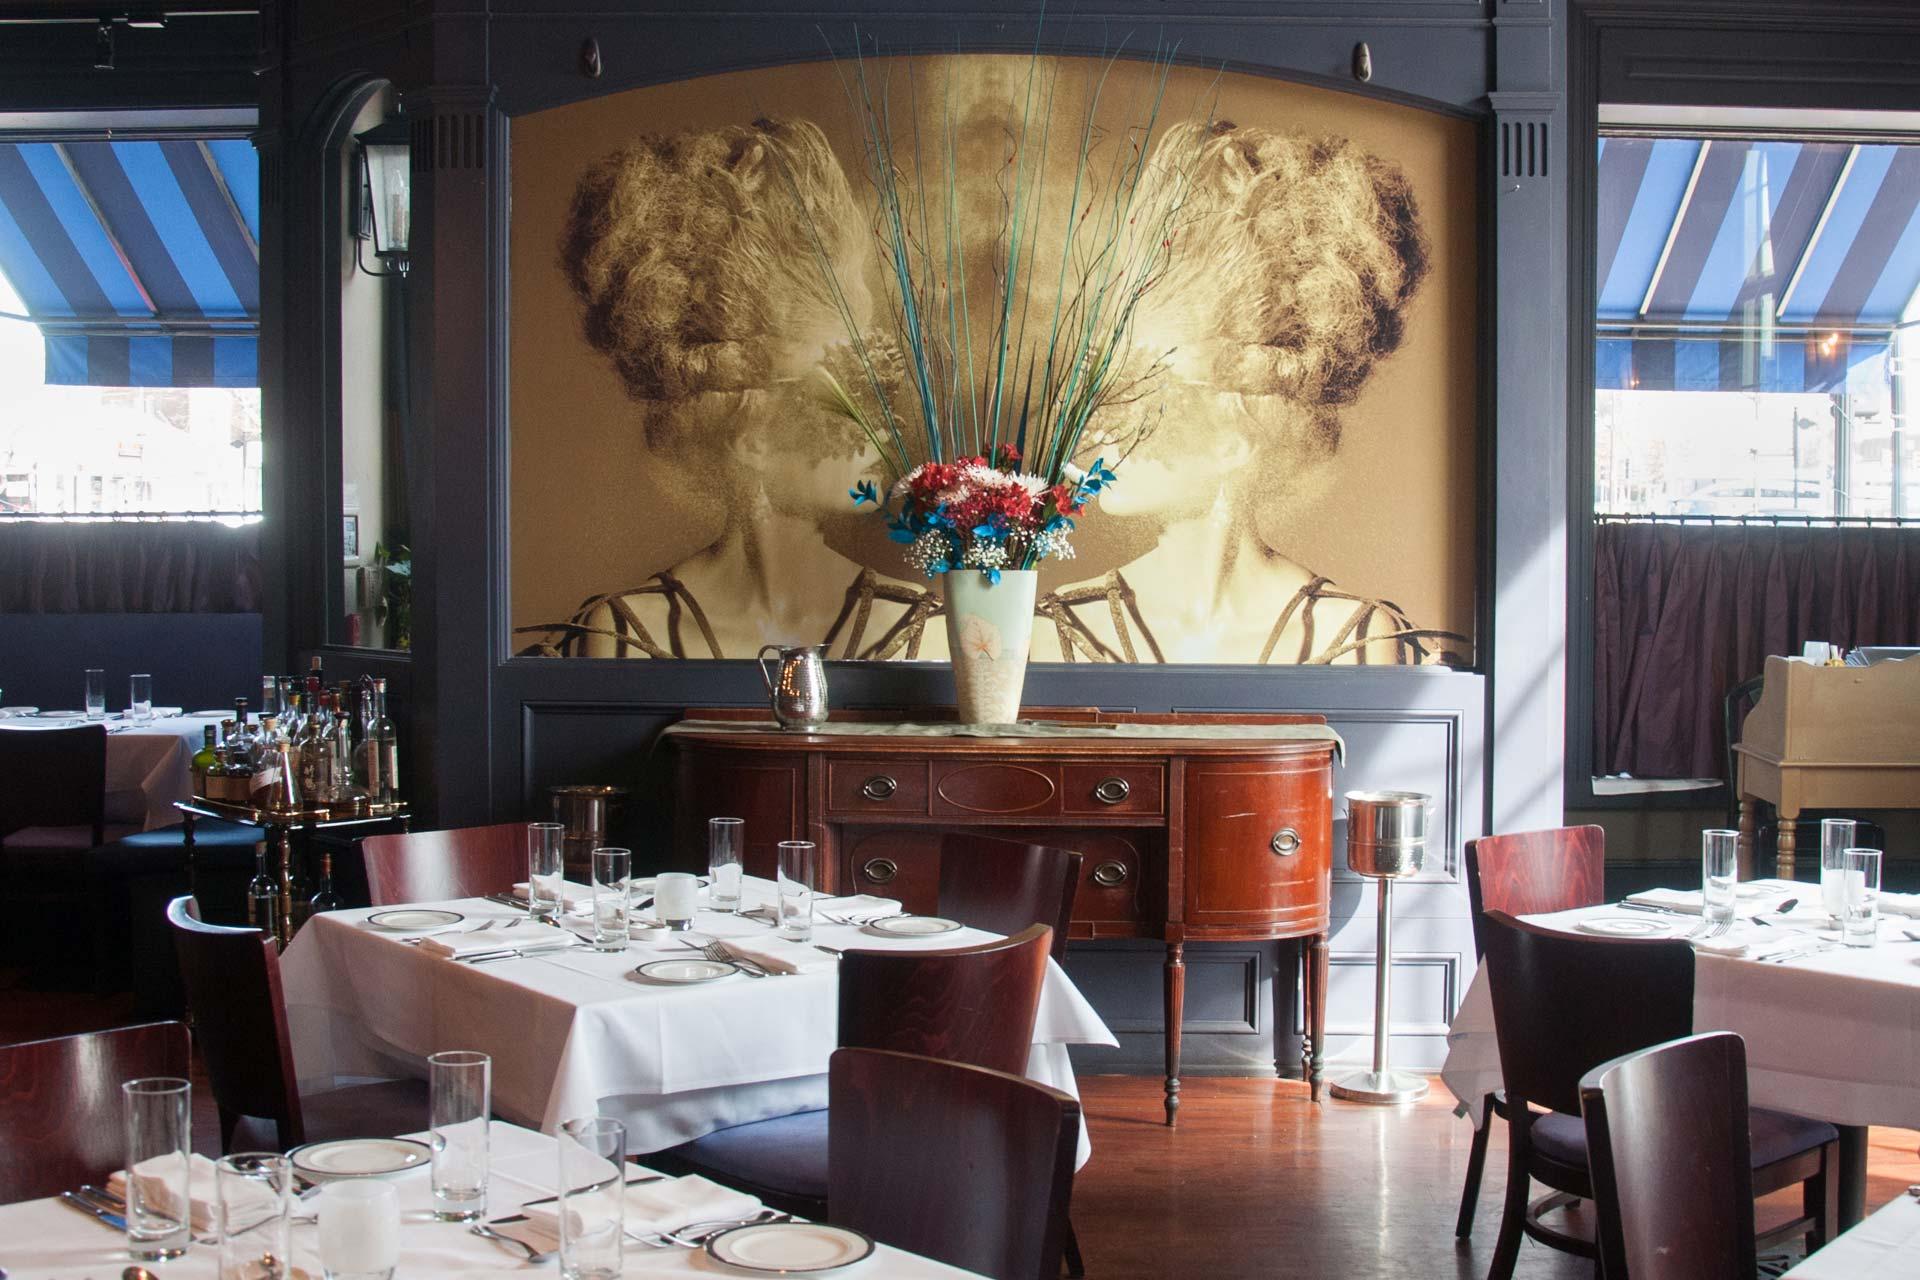 EDWINS Restaurant Interior